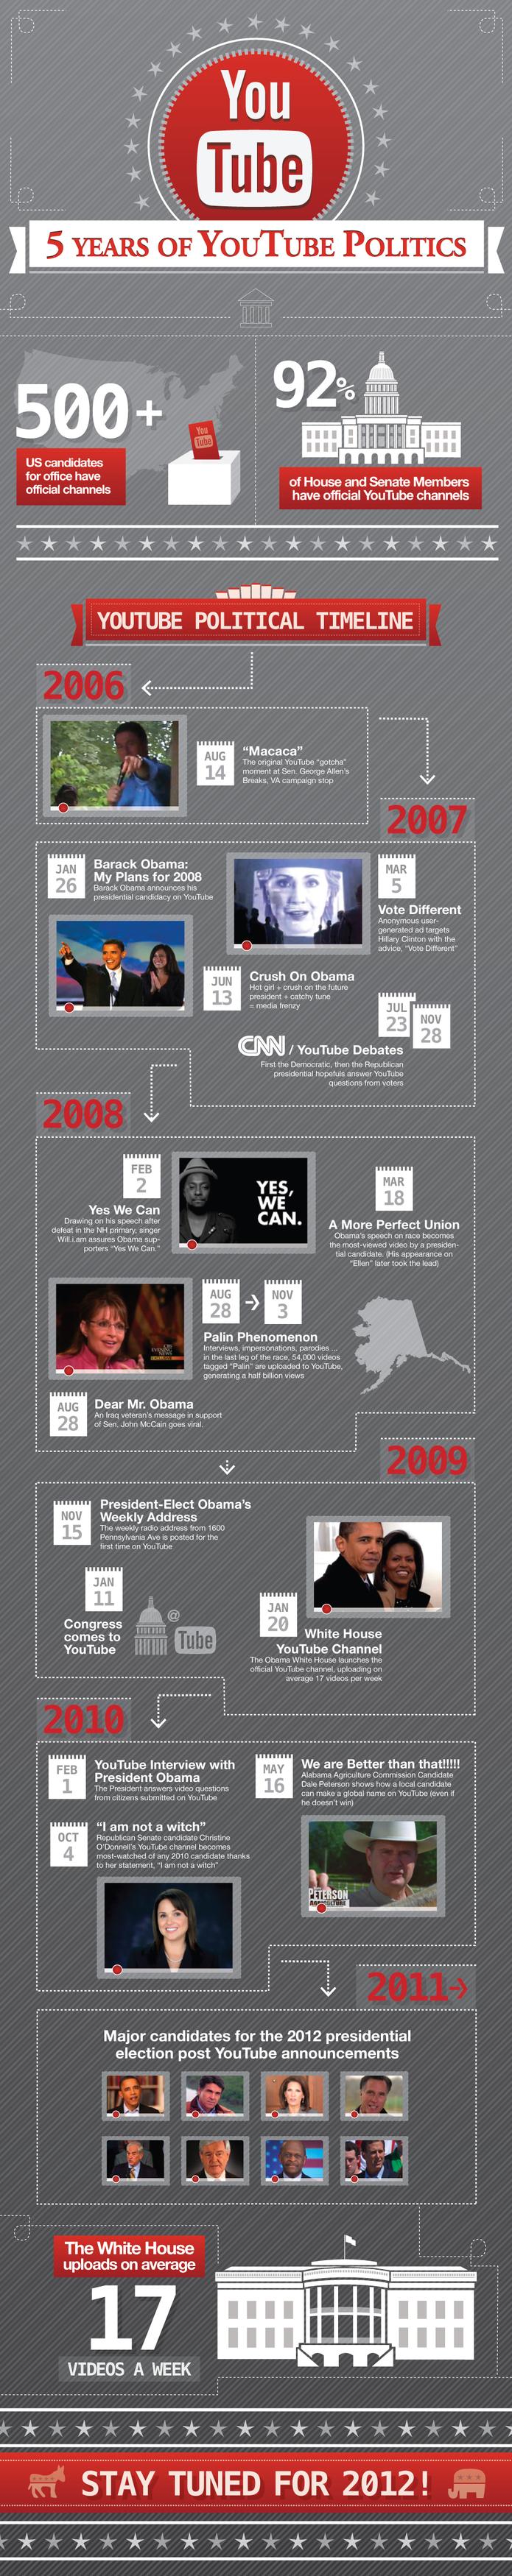 5 ans de politique sur Youtube en 1 image